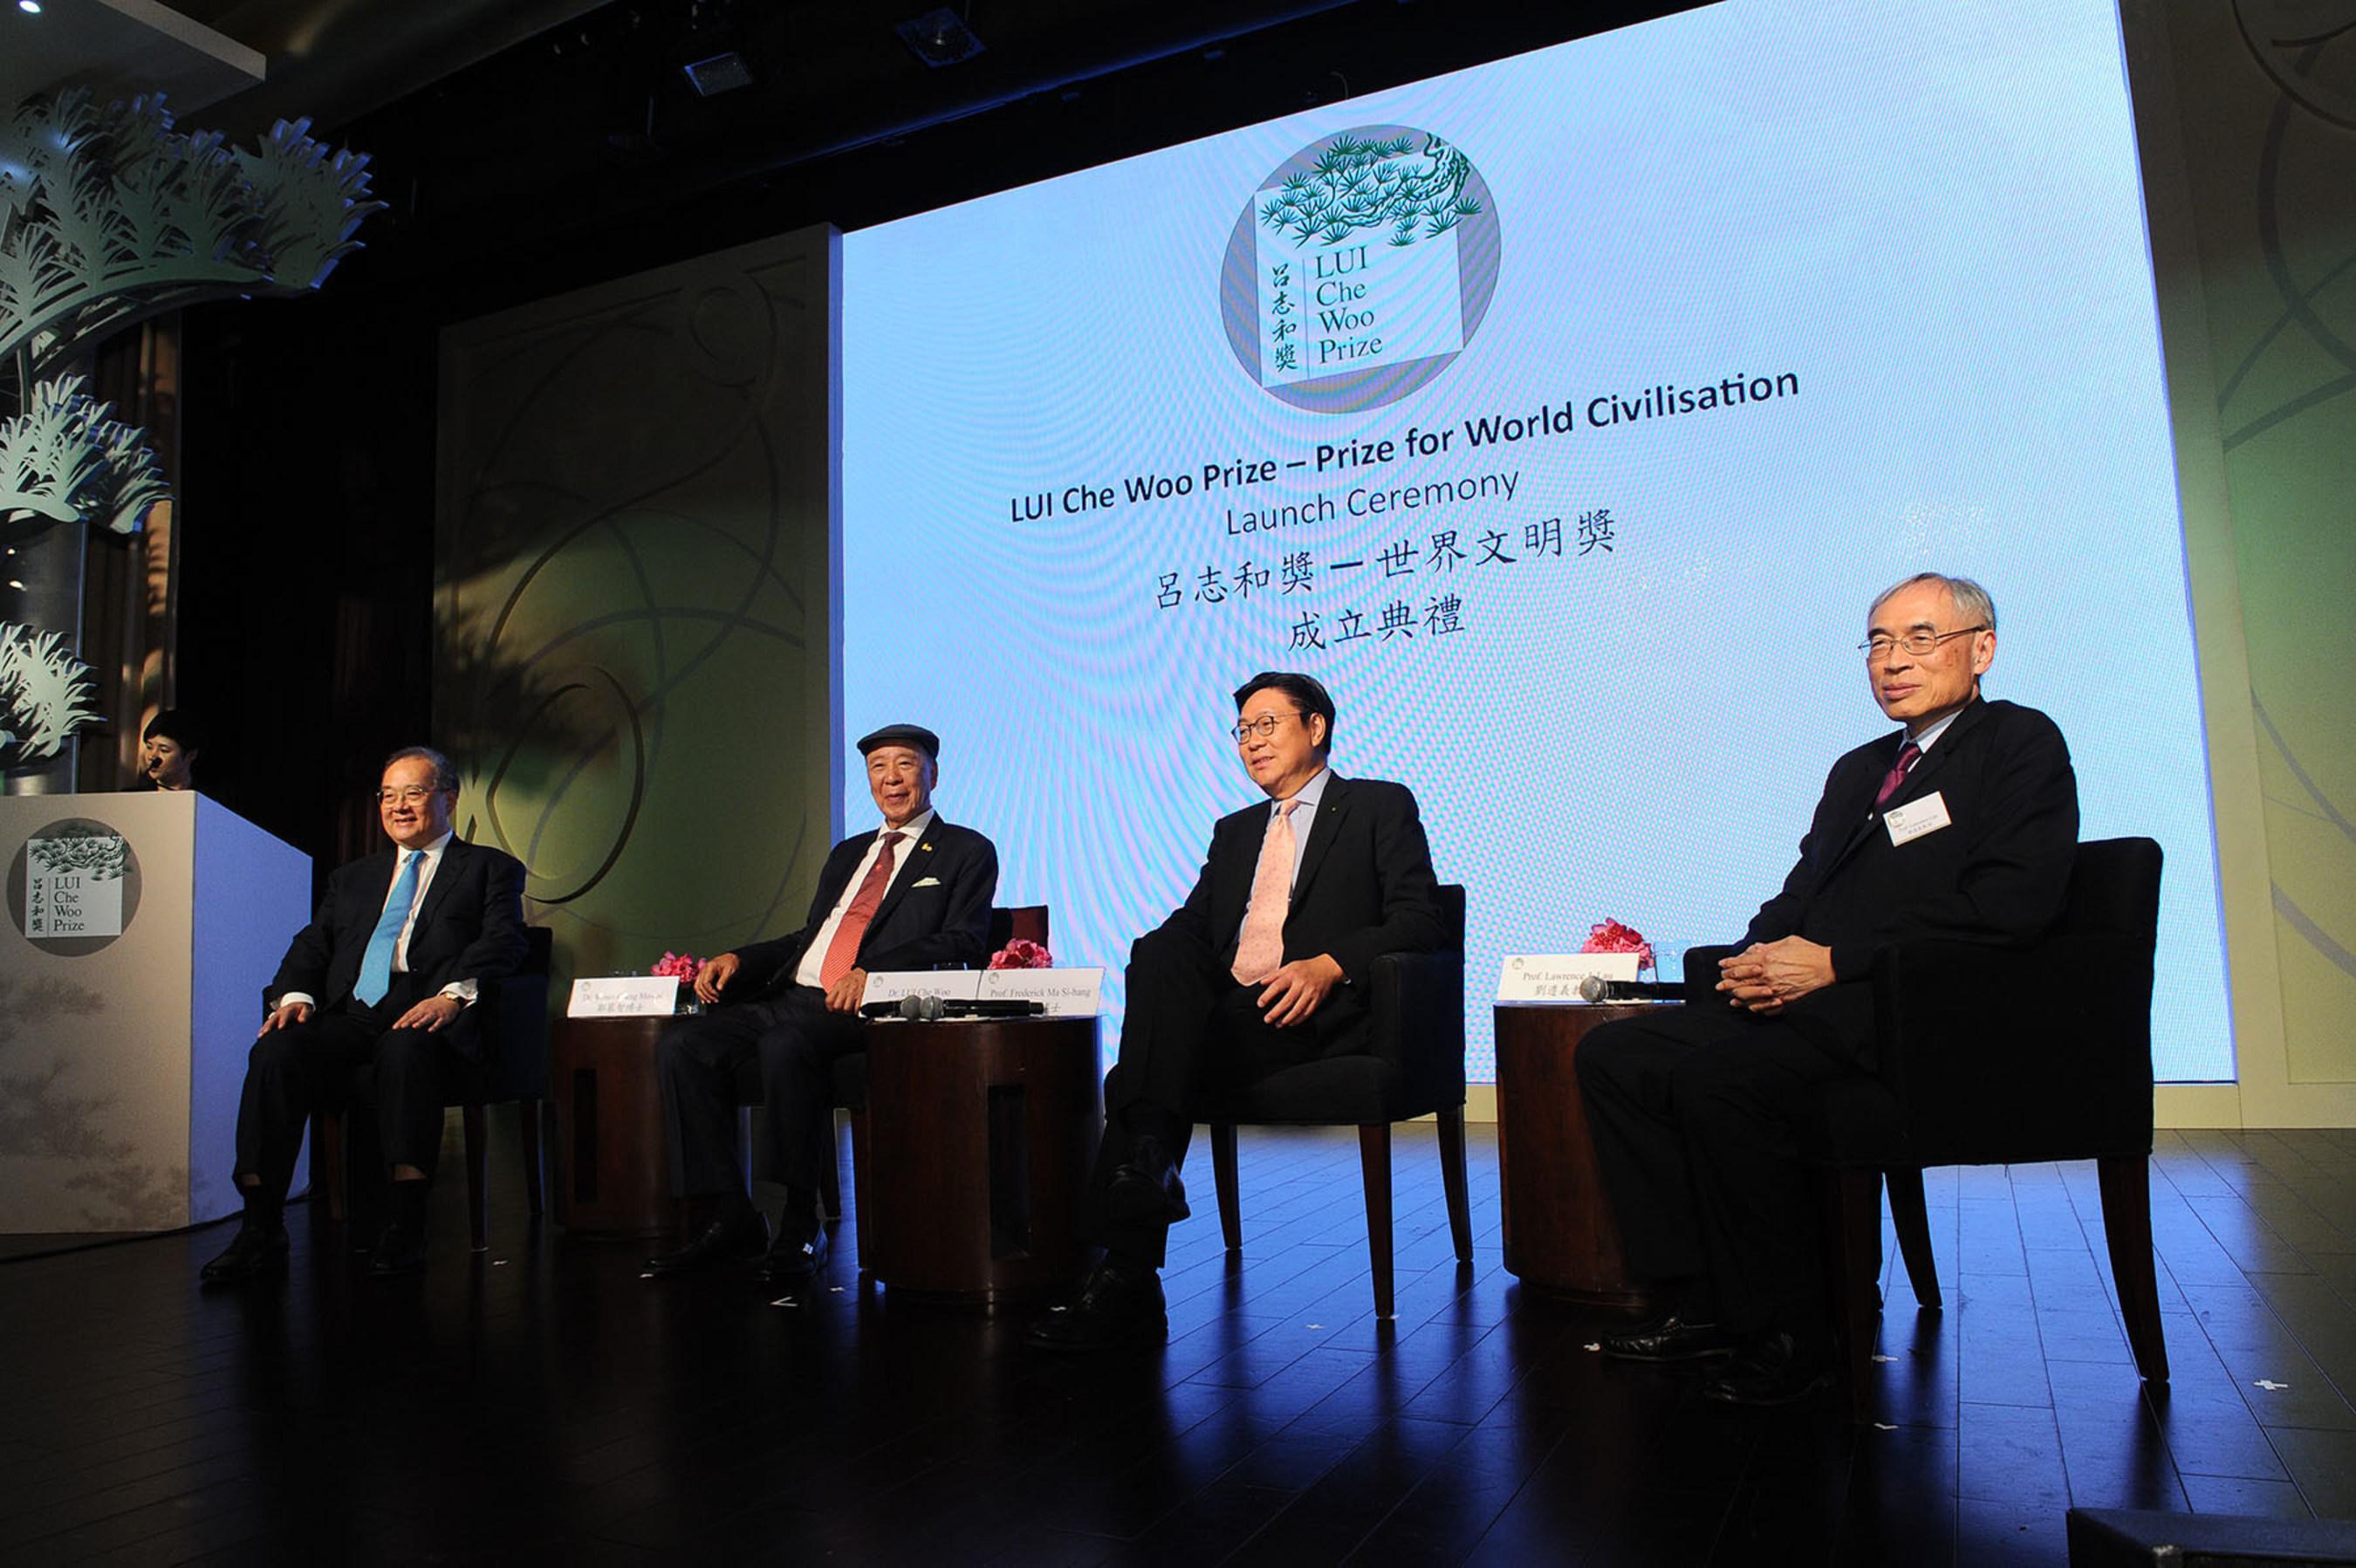 Inauguracja Nagrody imienia LUI Che Woo zaznacza nowy rozdział w postępach cywilizacji na świecie